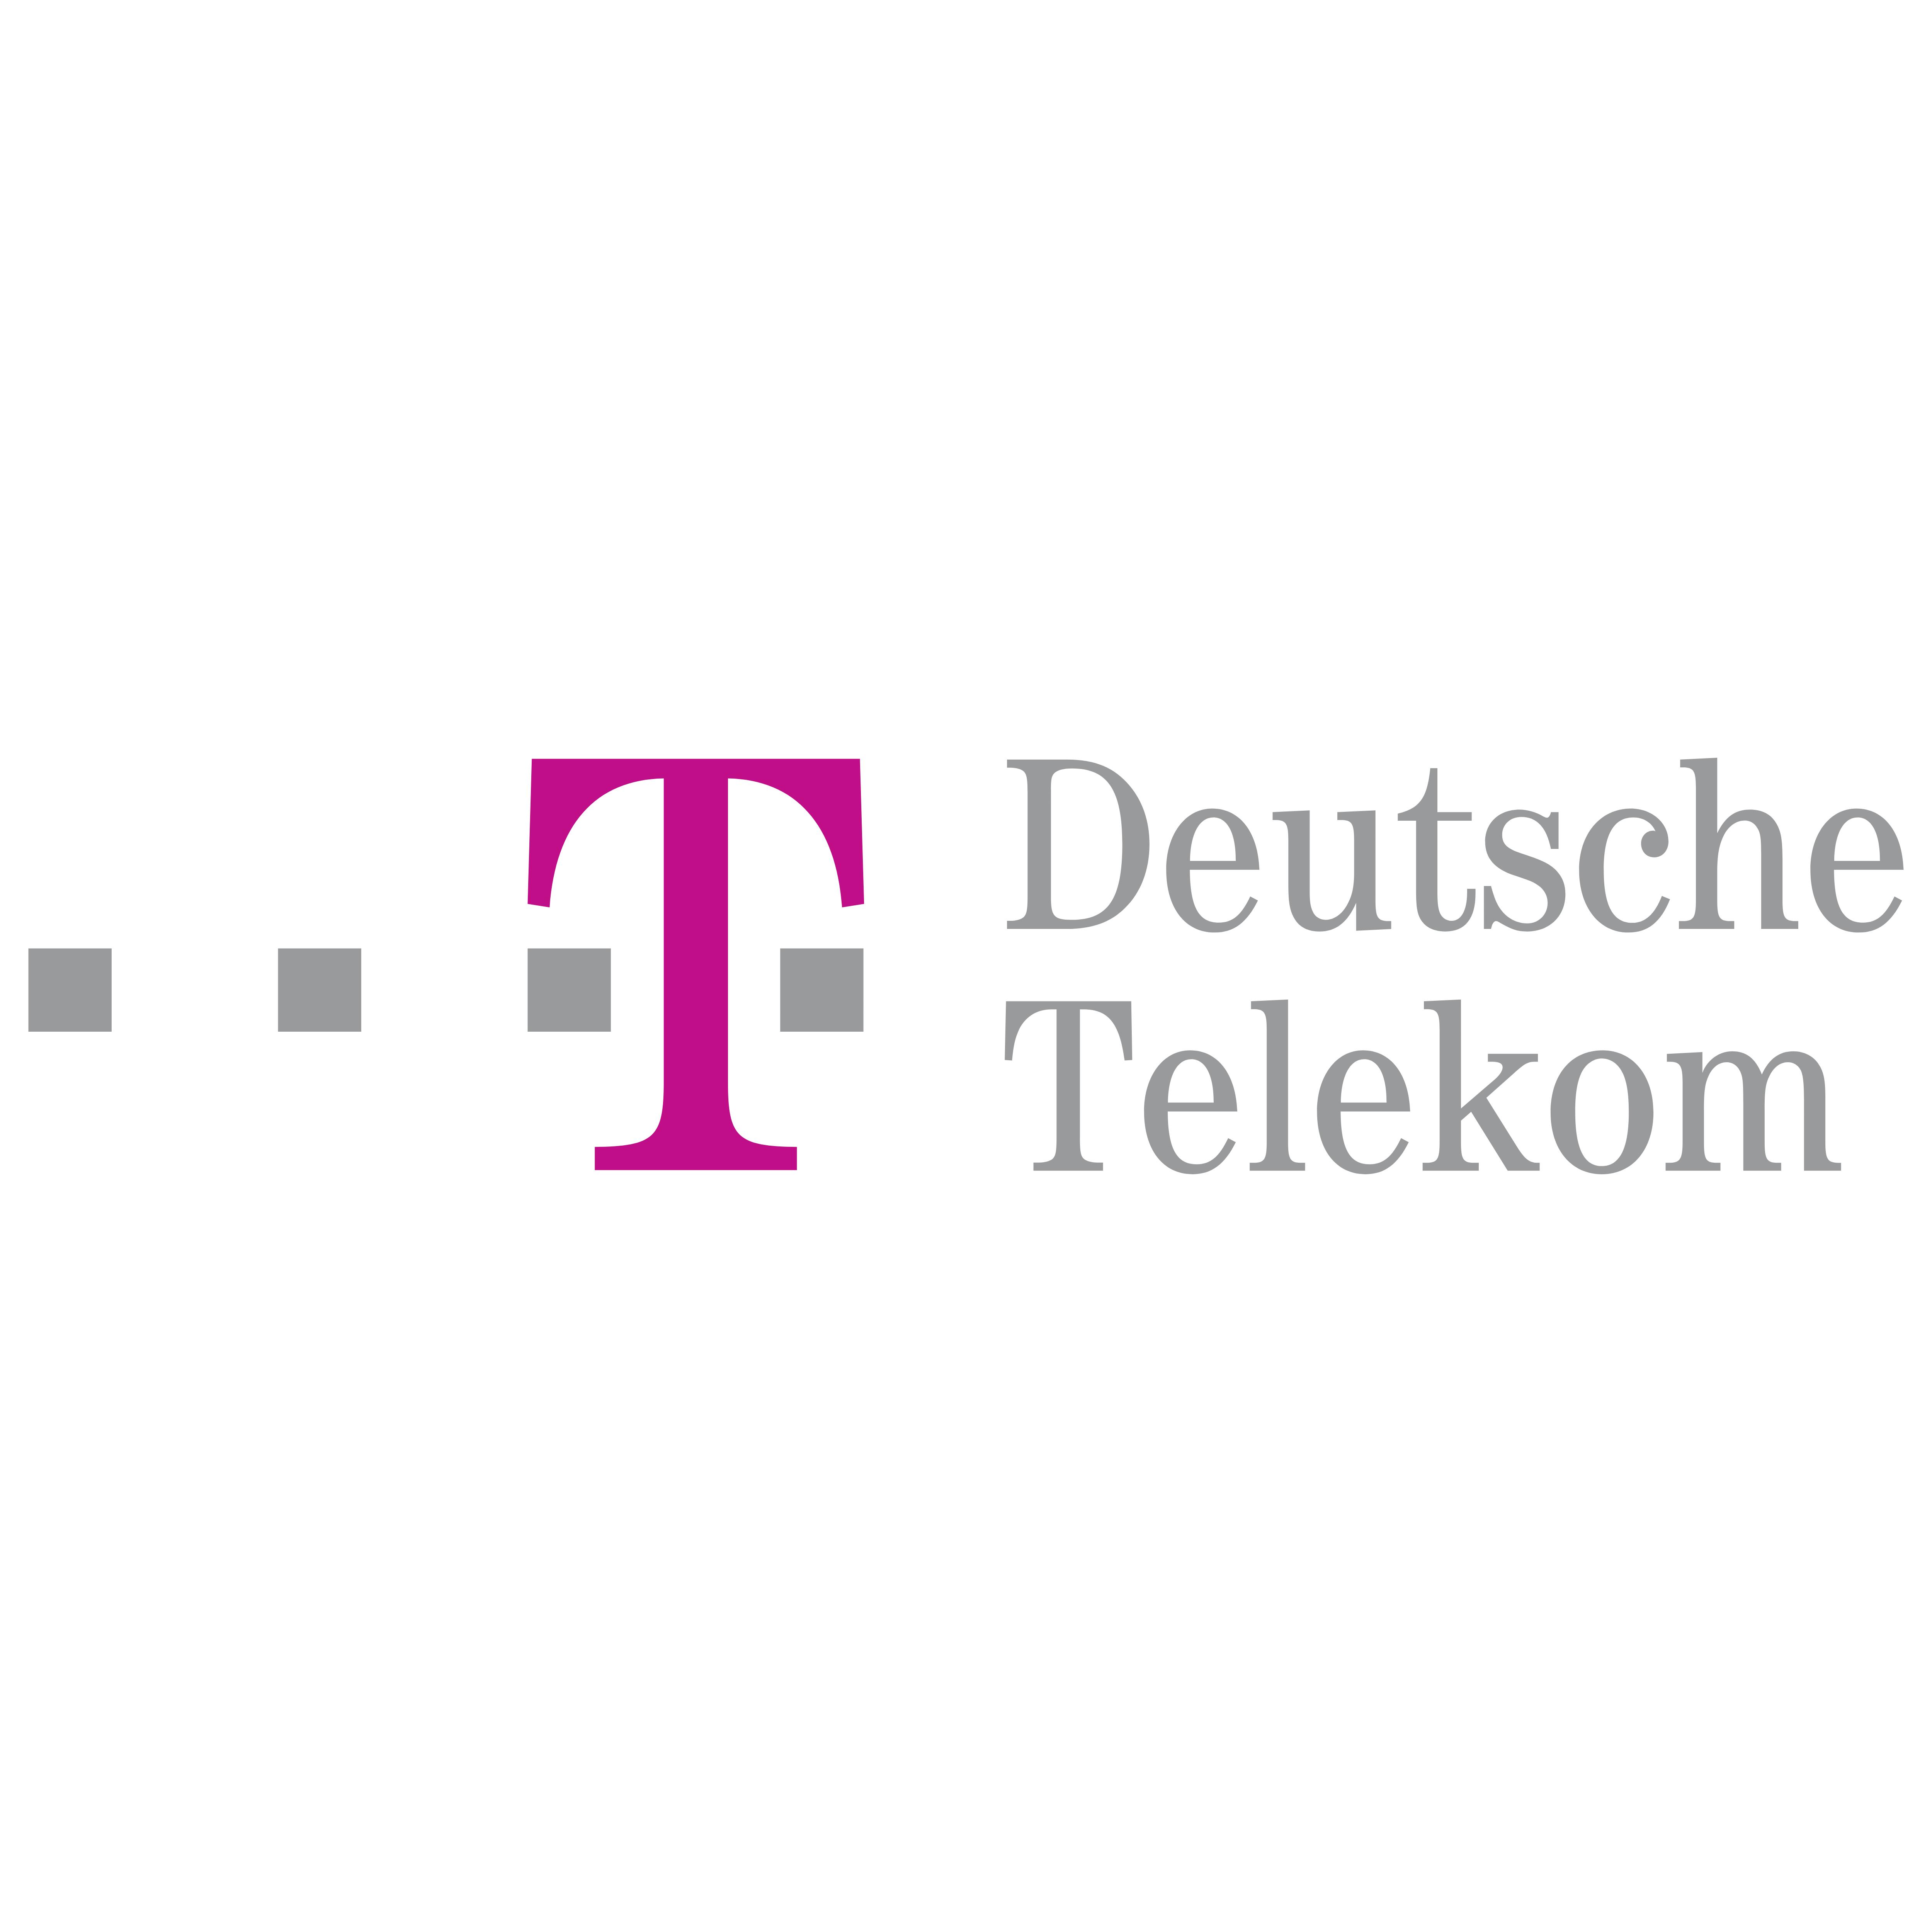 Deutsche Telekom.